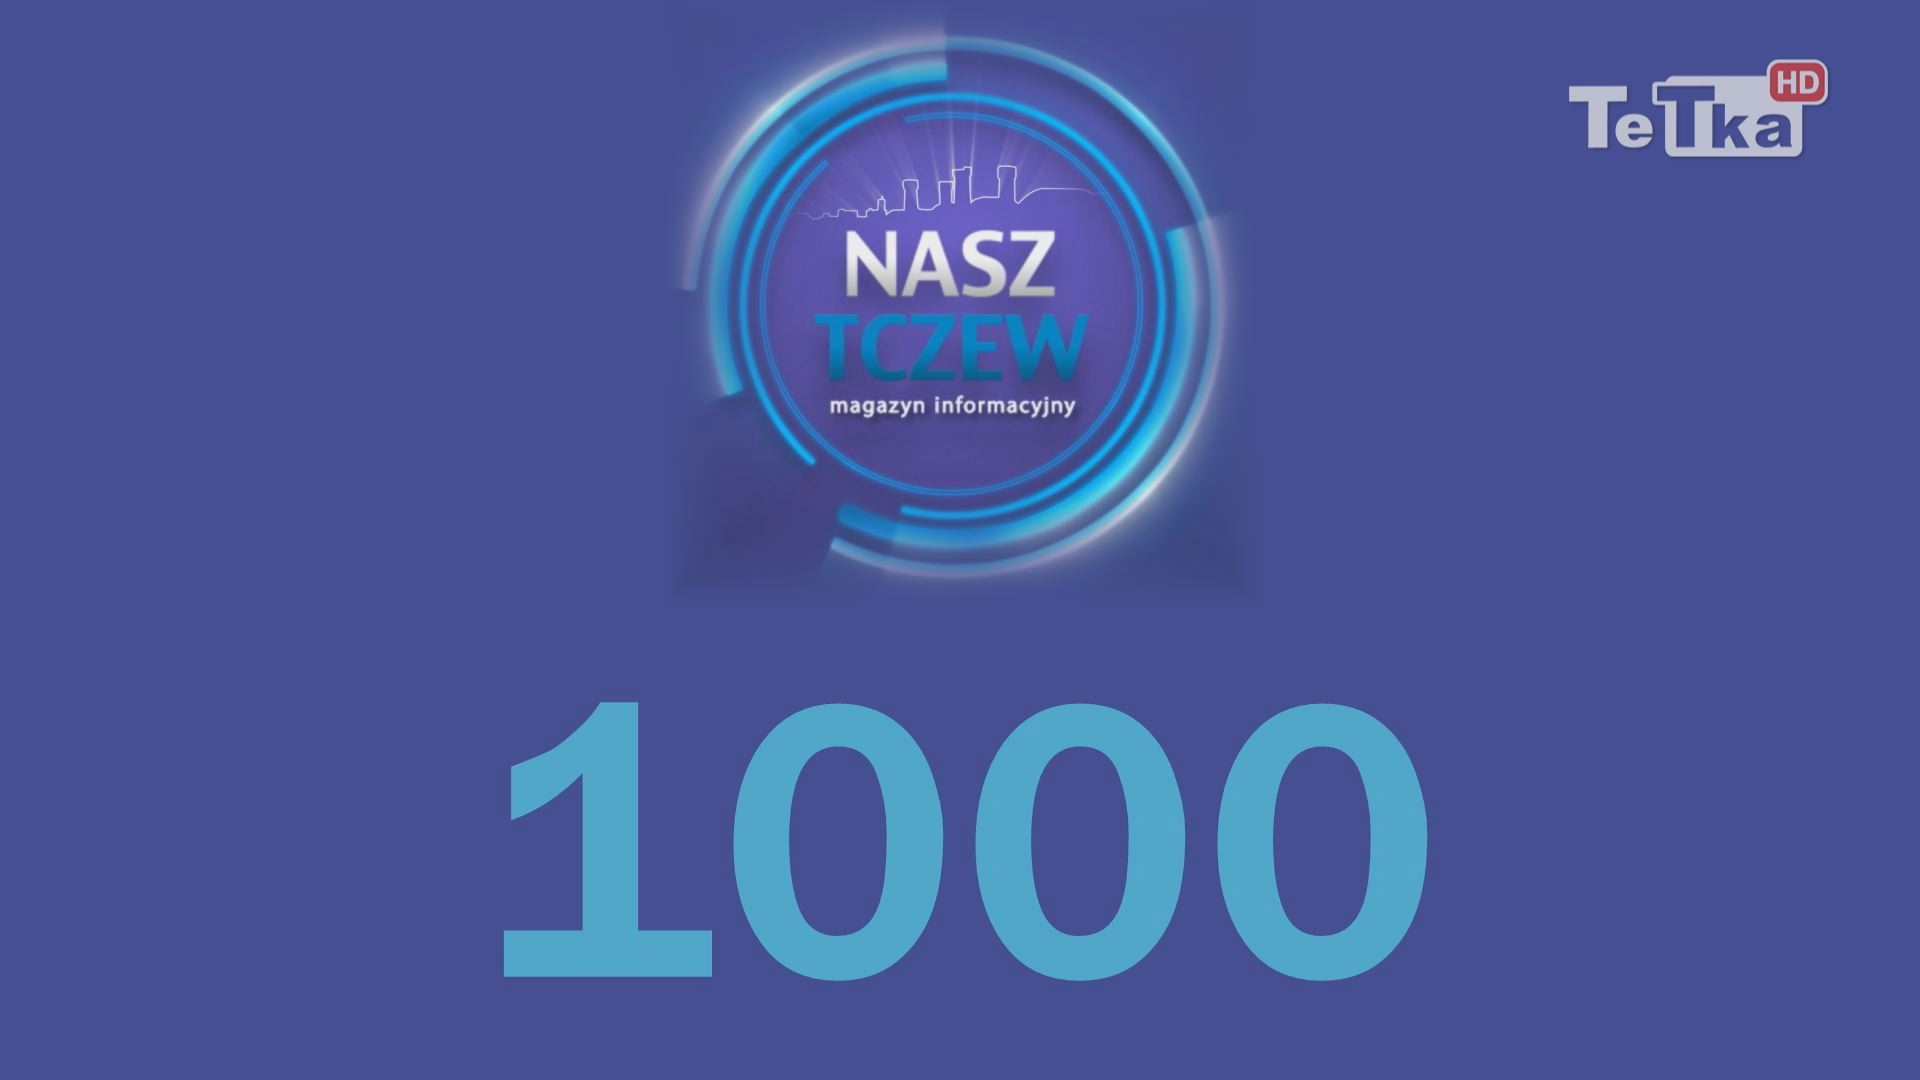 1000 Nasz Tczew